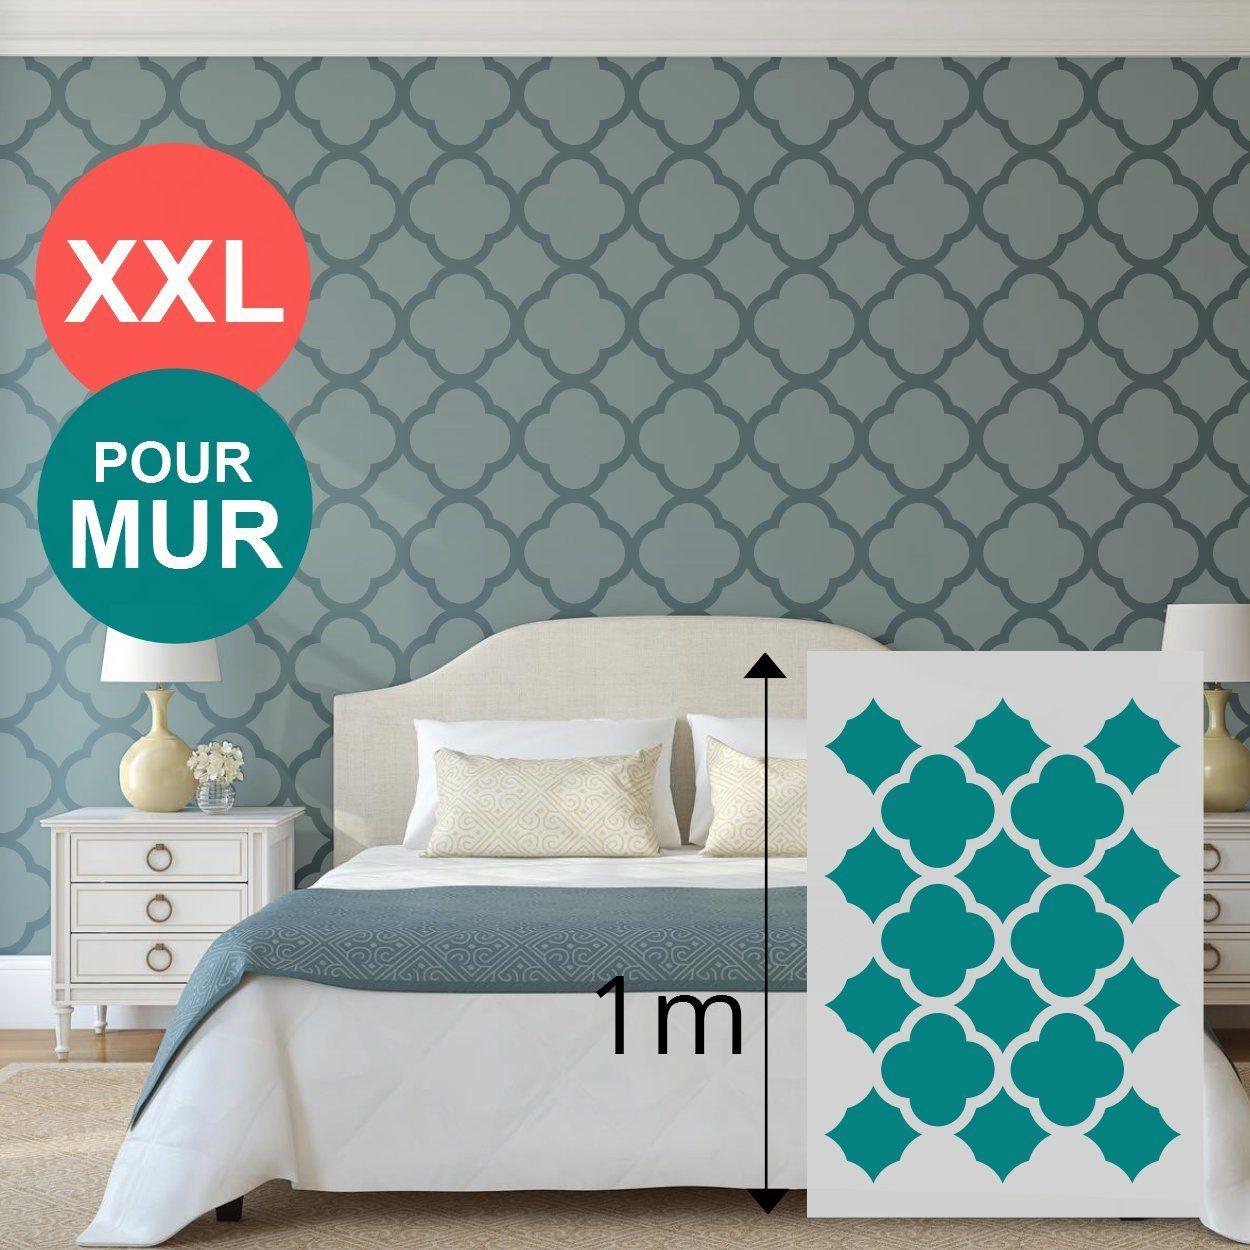 Pochoir Geant dedans pochoir xl géant mural 100 x 70 cm - formes géométriques / cercle